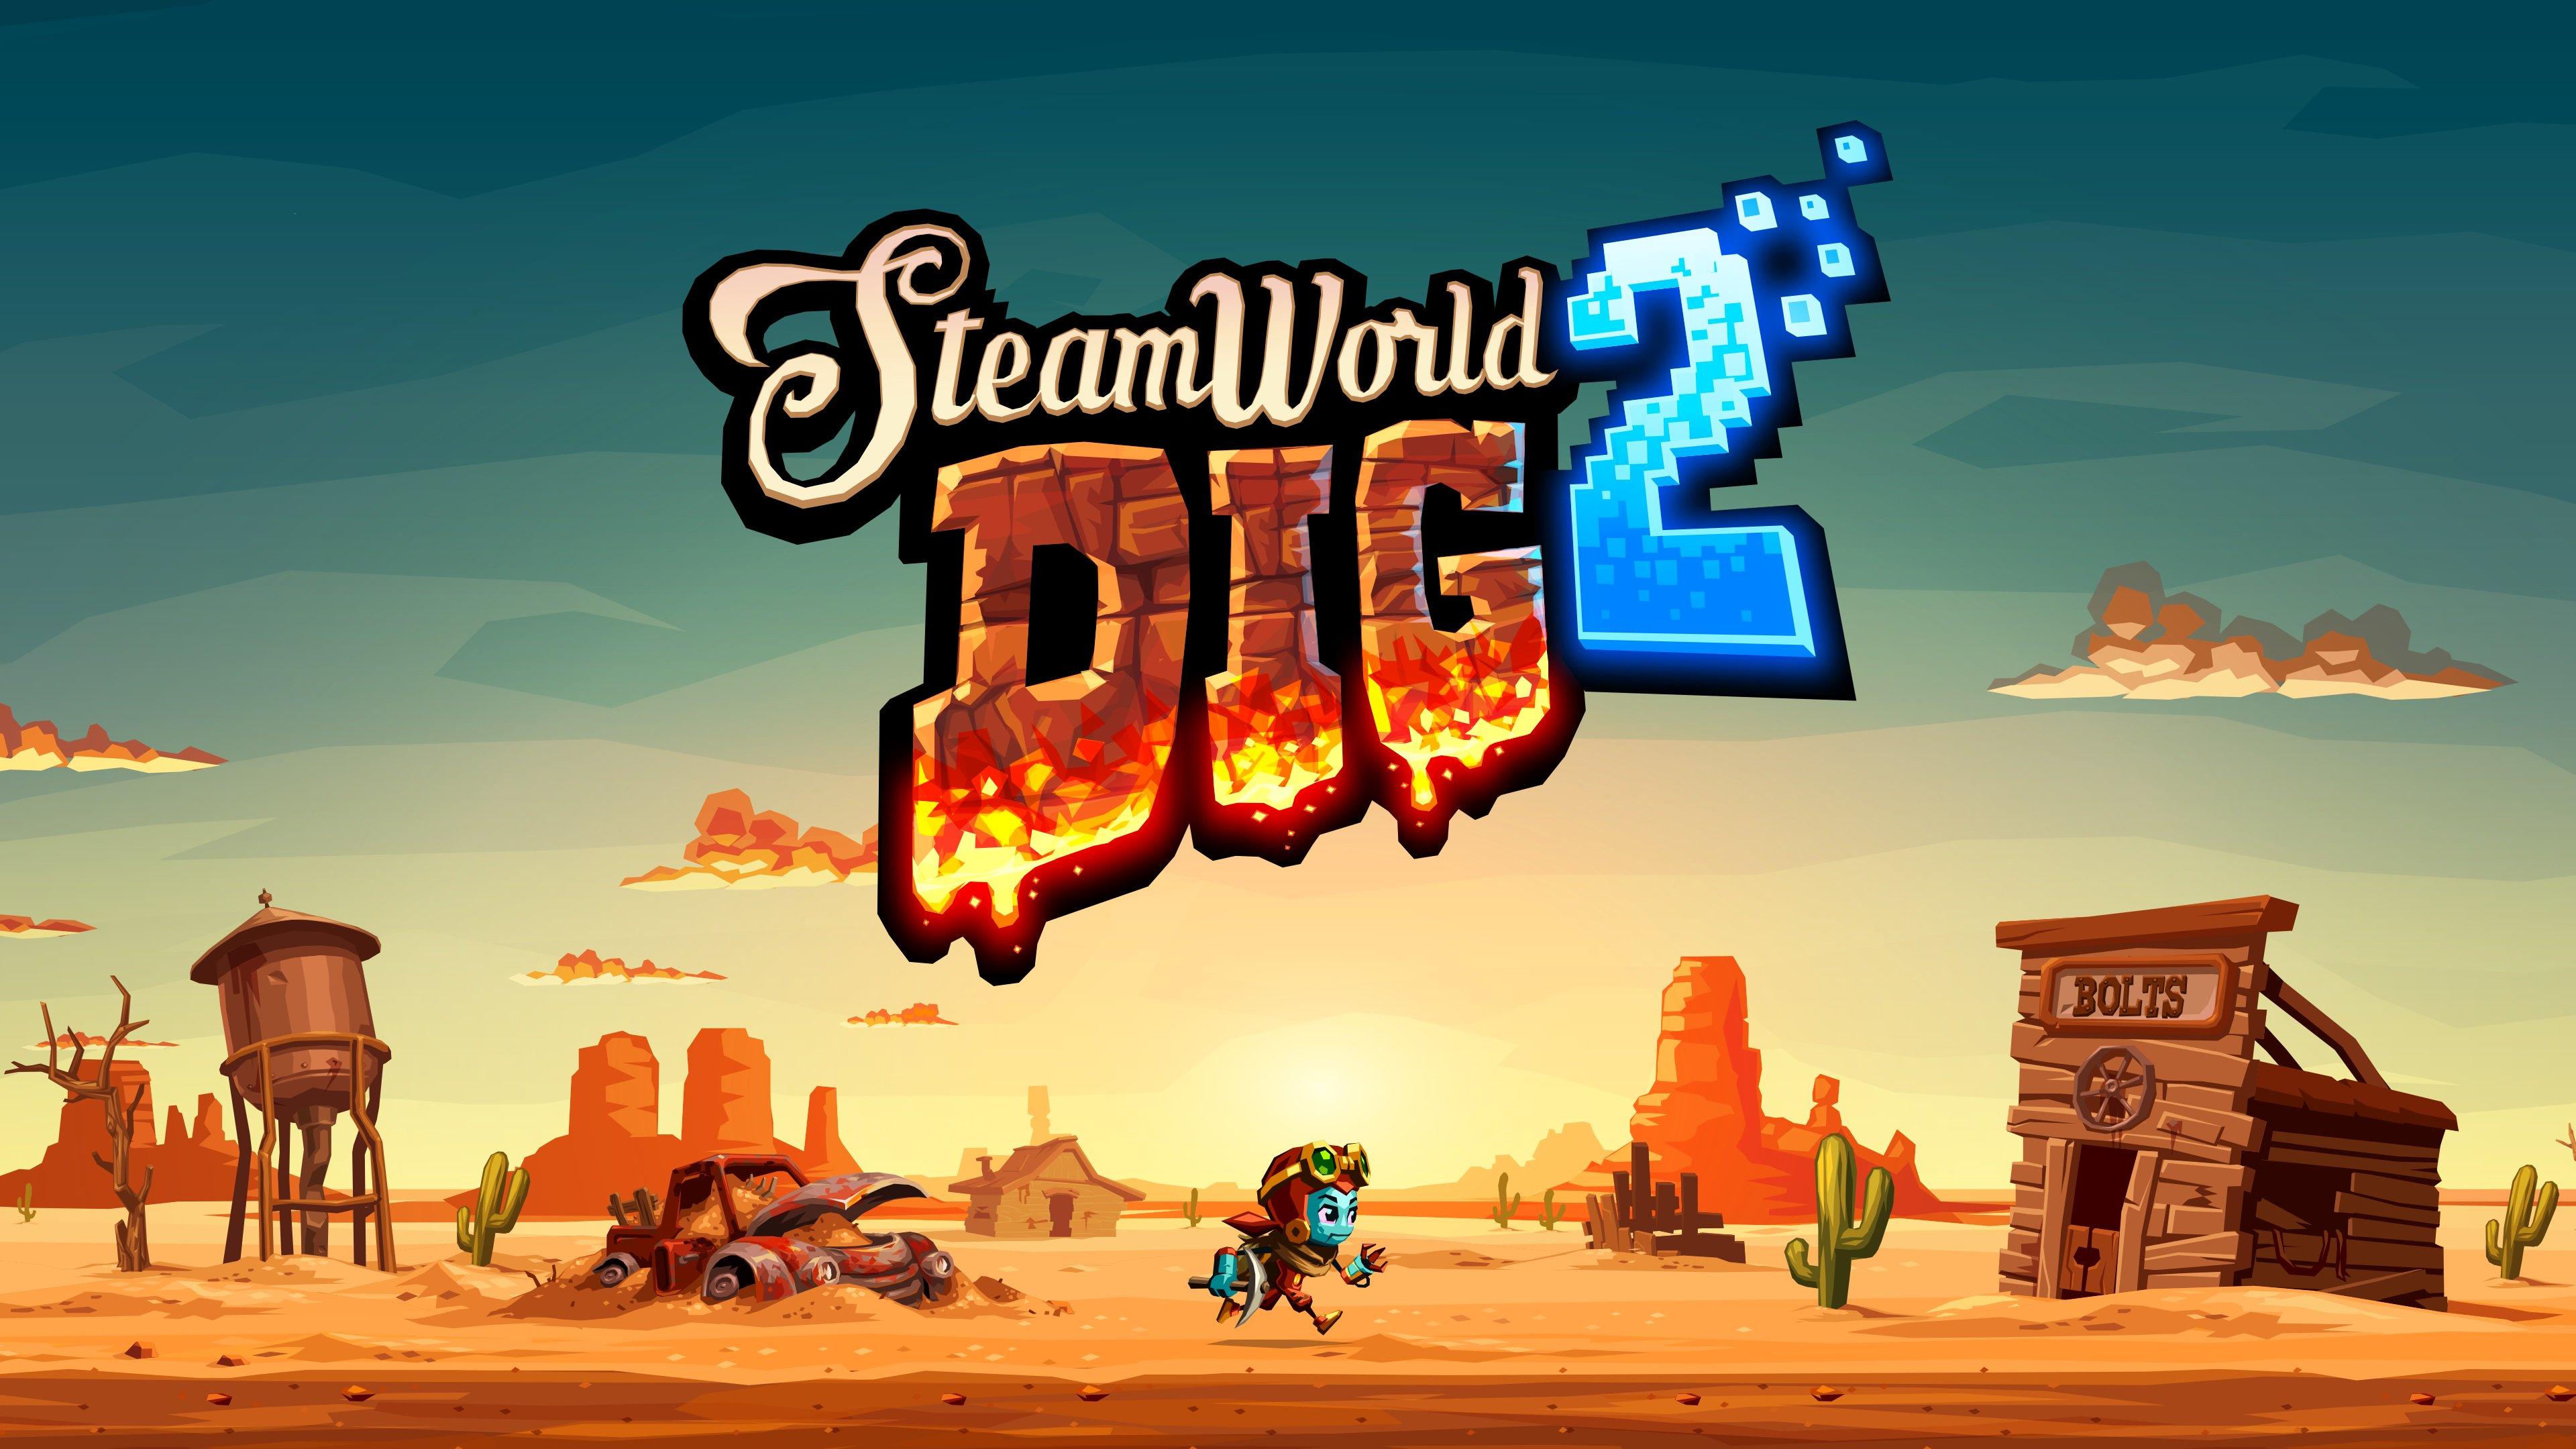 Versão de SteamWorld Dig 2 para Switch vendeu quase 10 vezes mais que a versão de Steam